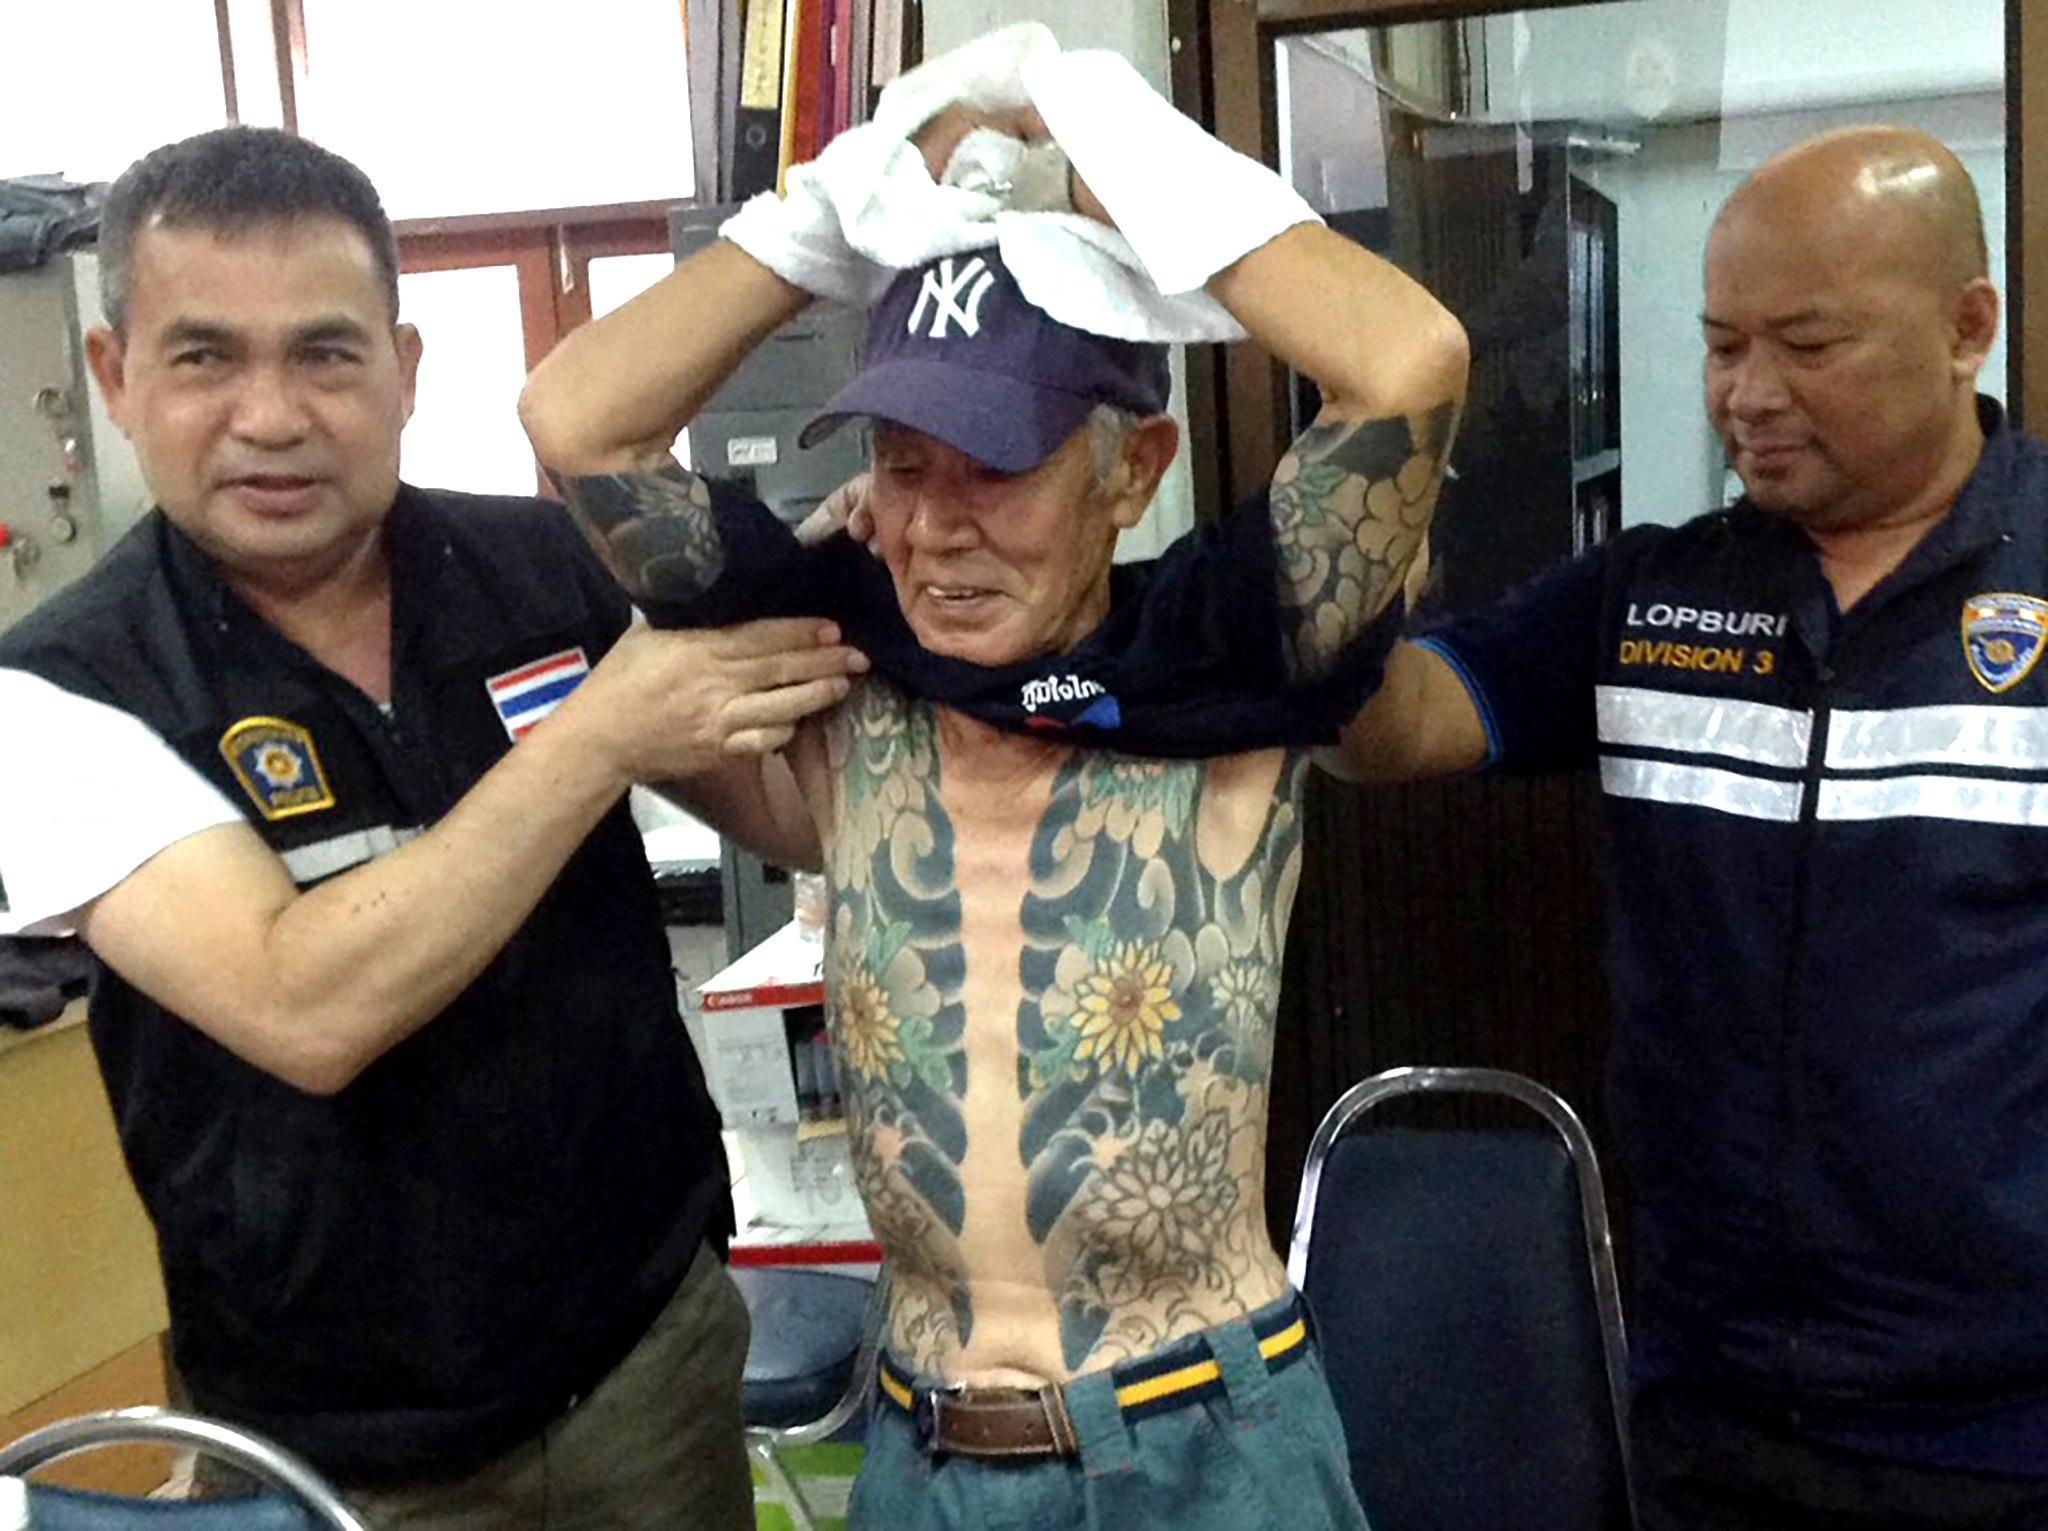 Arrestato il boss della yakuza: a incastrarlo i tatuaggi e il dito mozzato